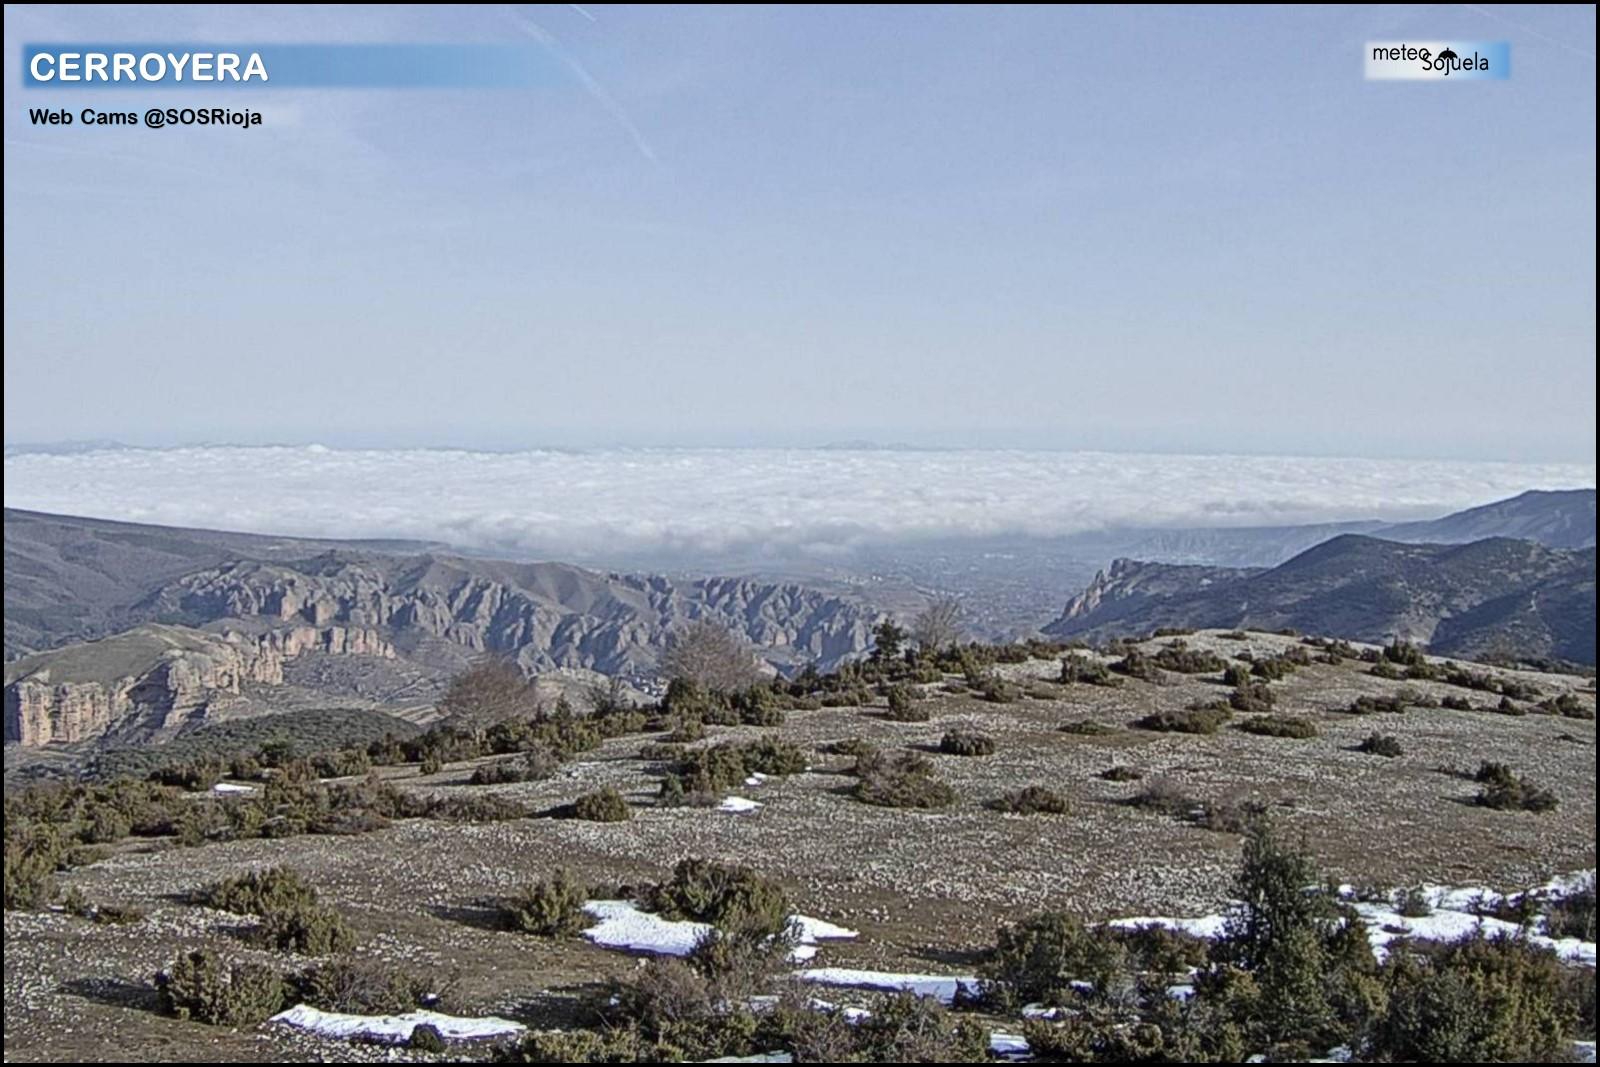 Mar de nubes desde Cerroyera.SOS Rioja. Meteosojuela